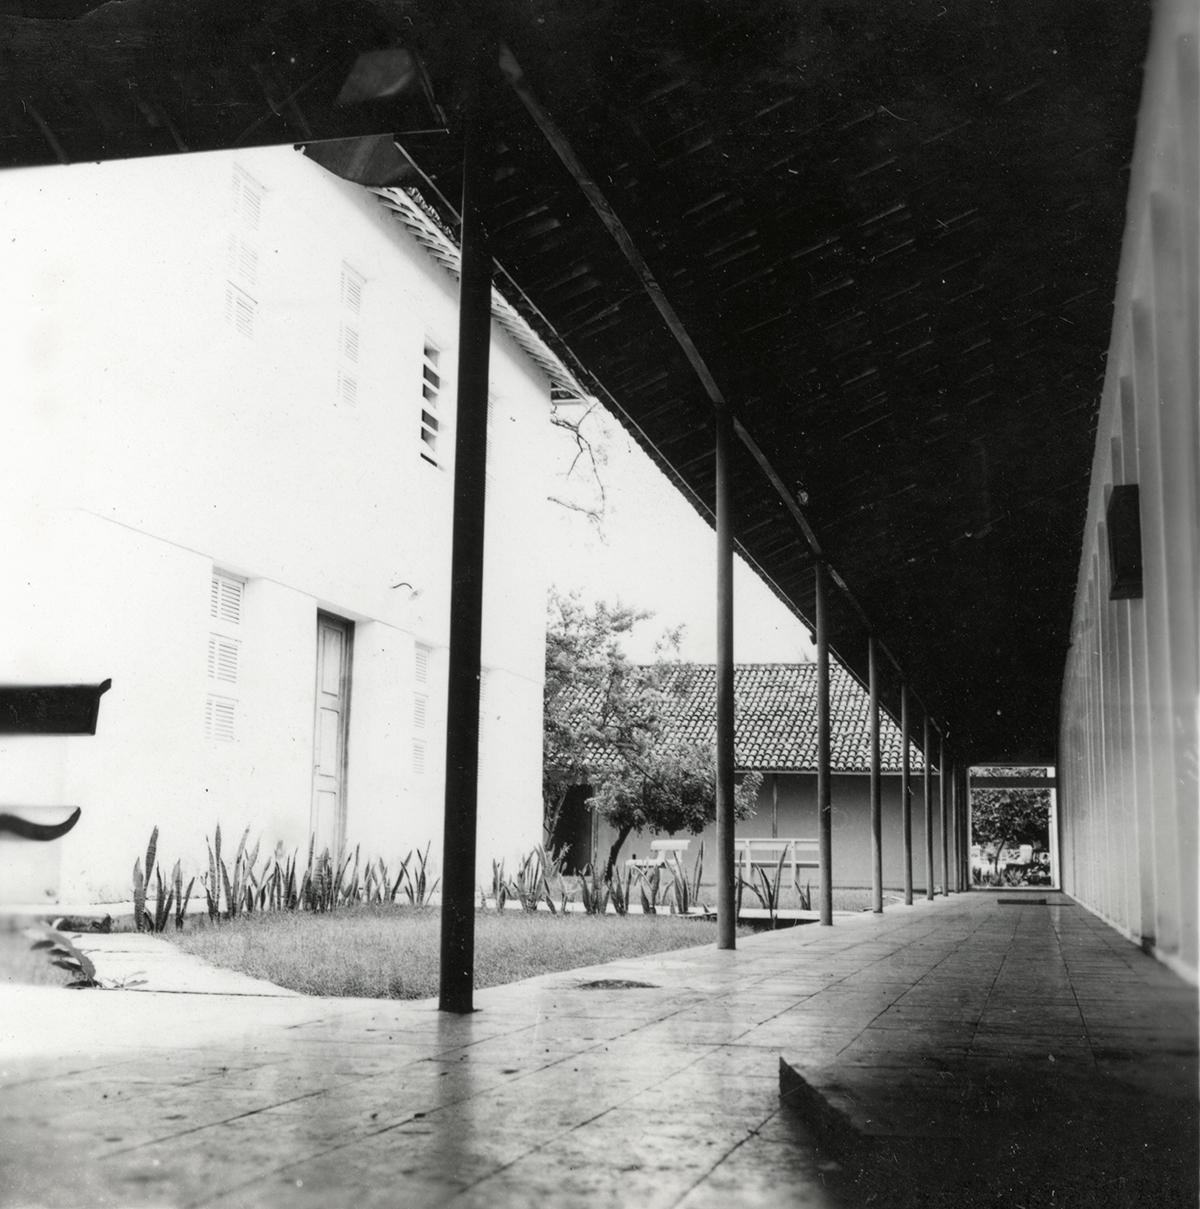 Prédio da Escola de Engenharia, Cruzamento da Av. da Universidade e da Av. 13 de maio, 1968.